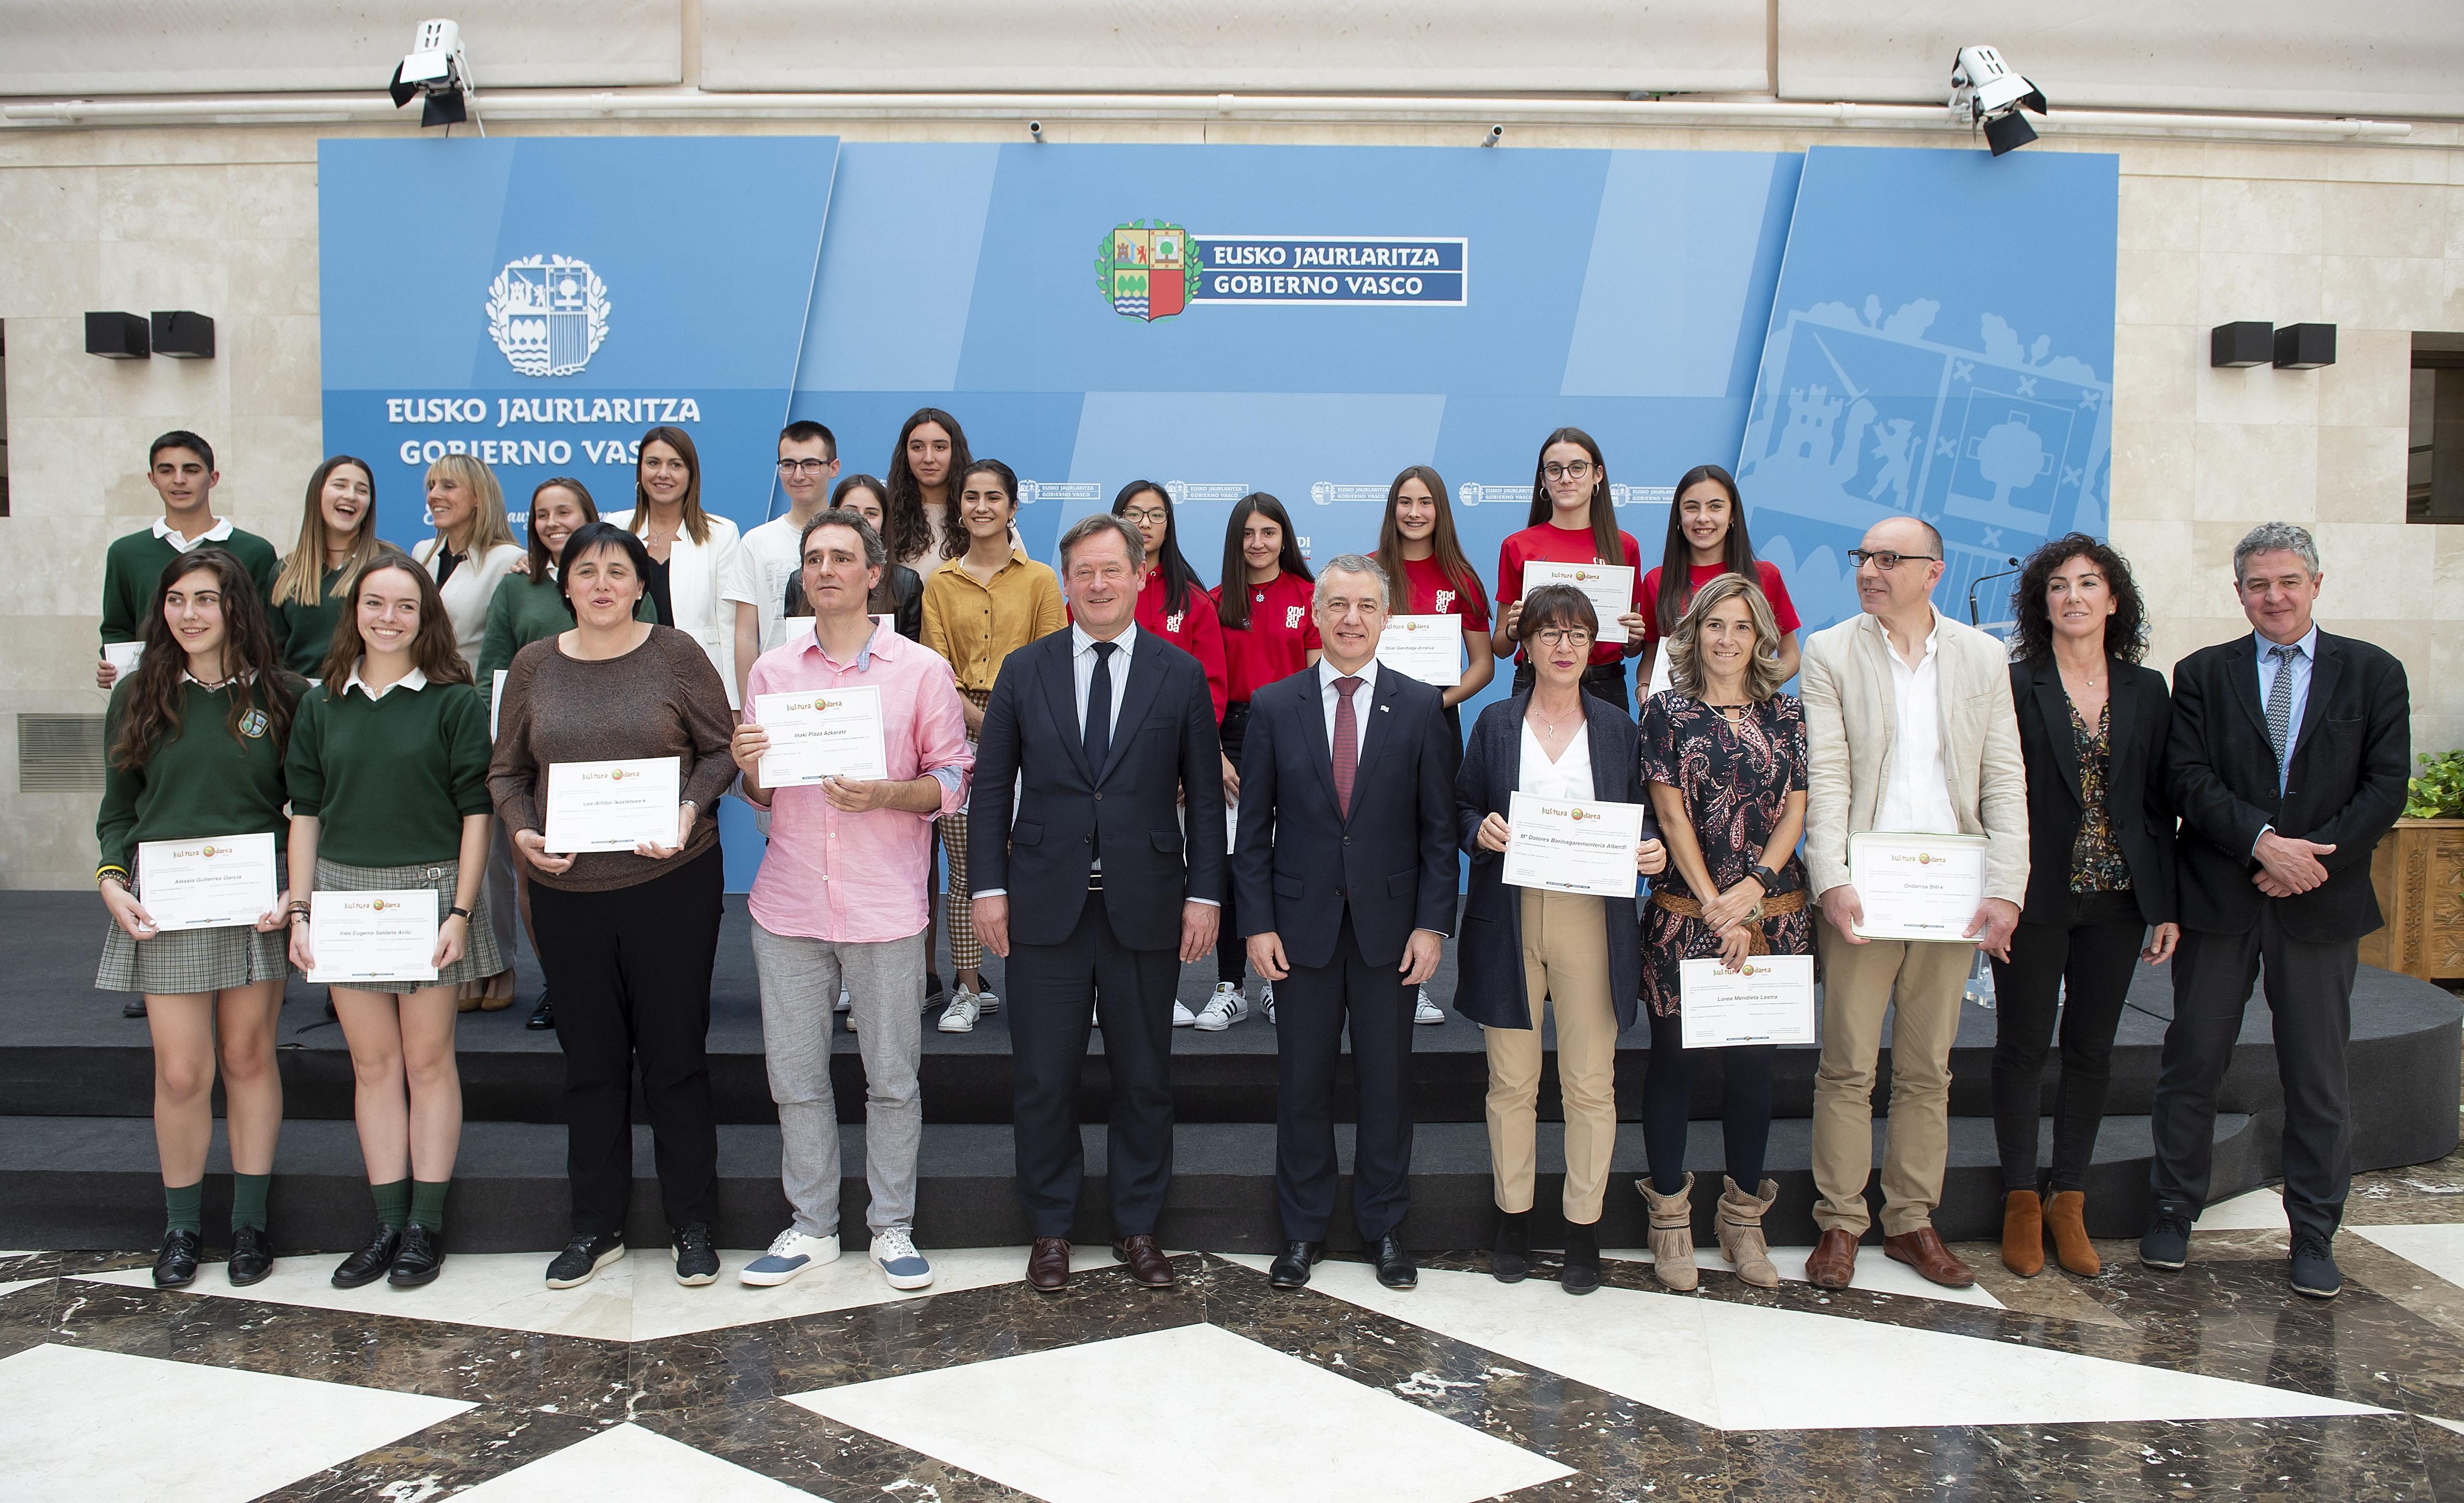 El Lehendakari ha presidido la entrega de los premios Kultura Ondarea 2019, que este año han sido para el Colegio Europa de Getxo, Lea Artibai Ikastetxea, de Makina-Xemein; y el Instituto de Ondarroa